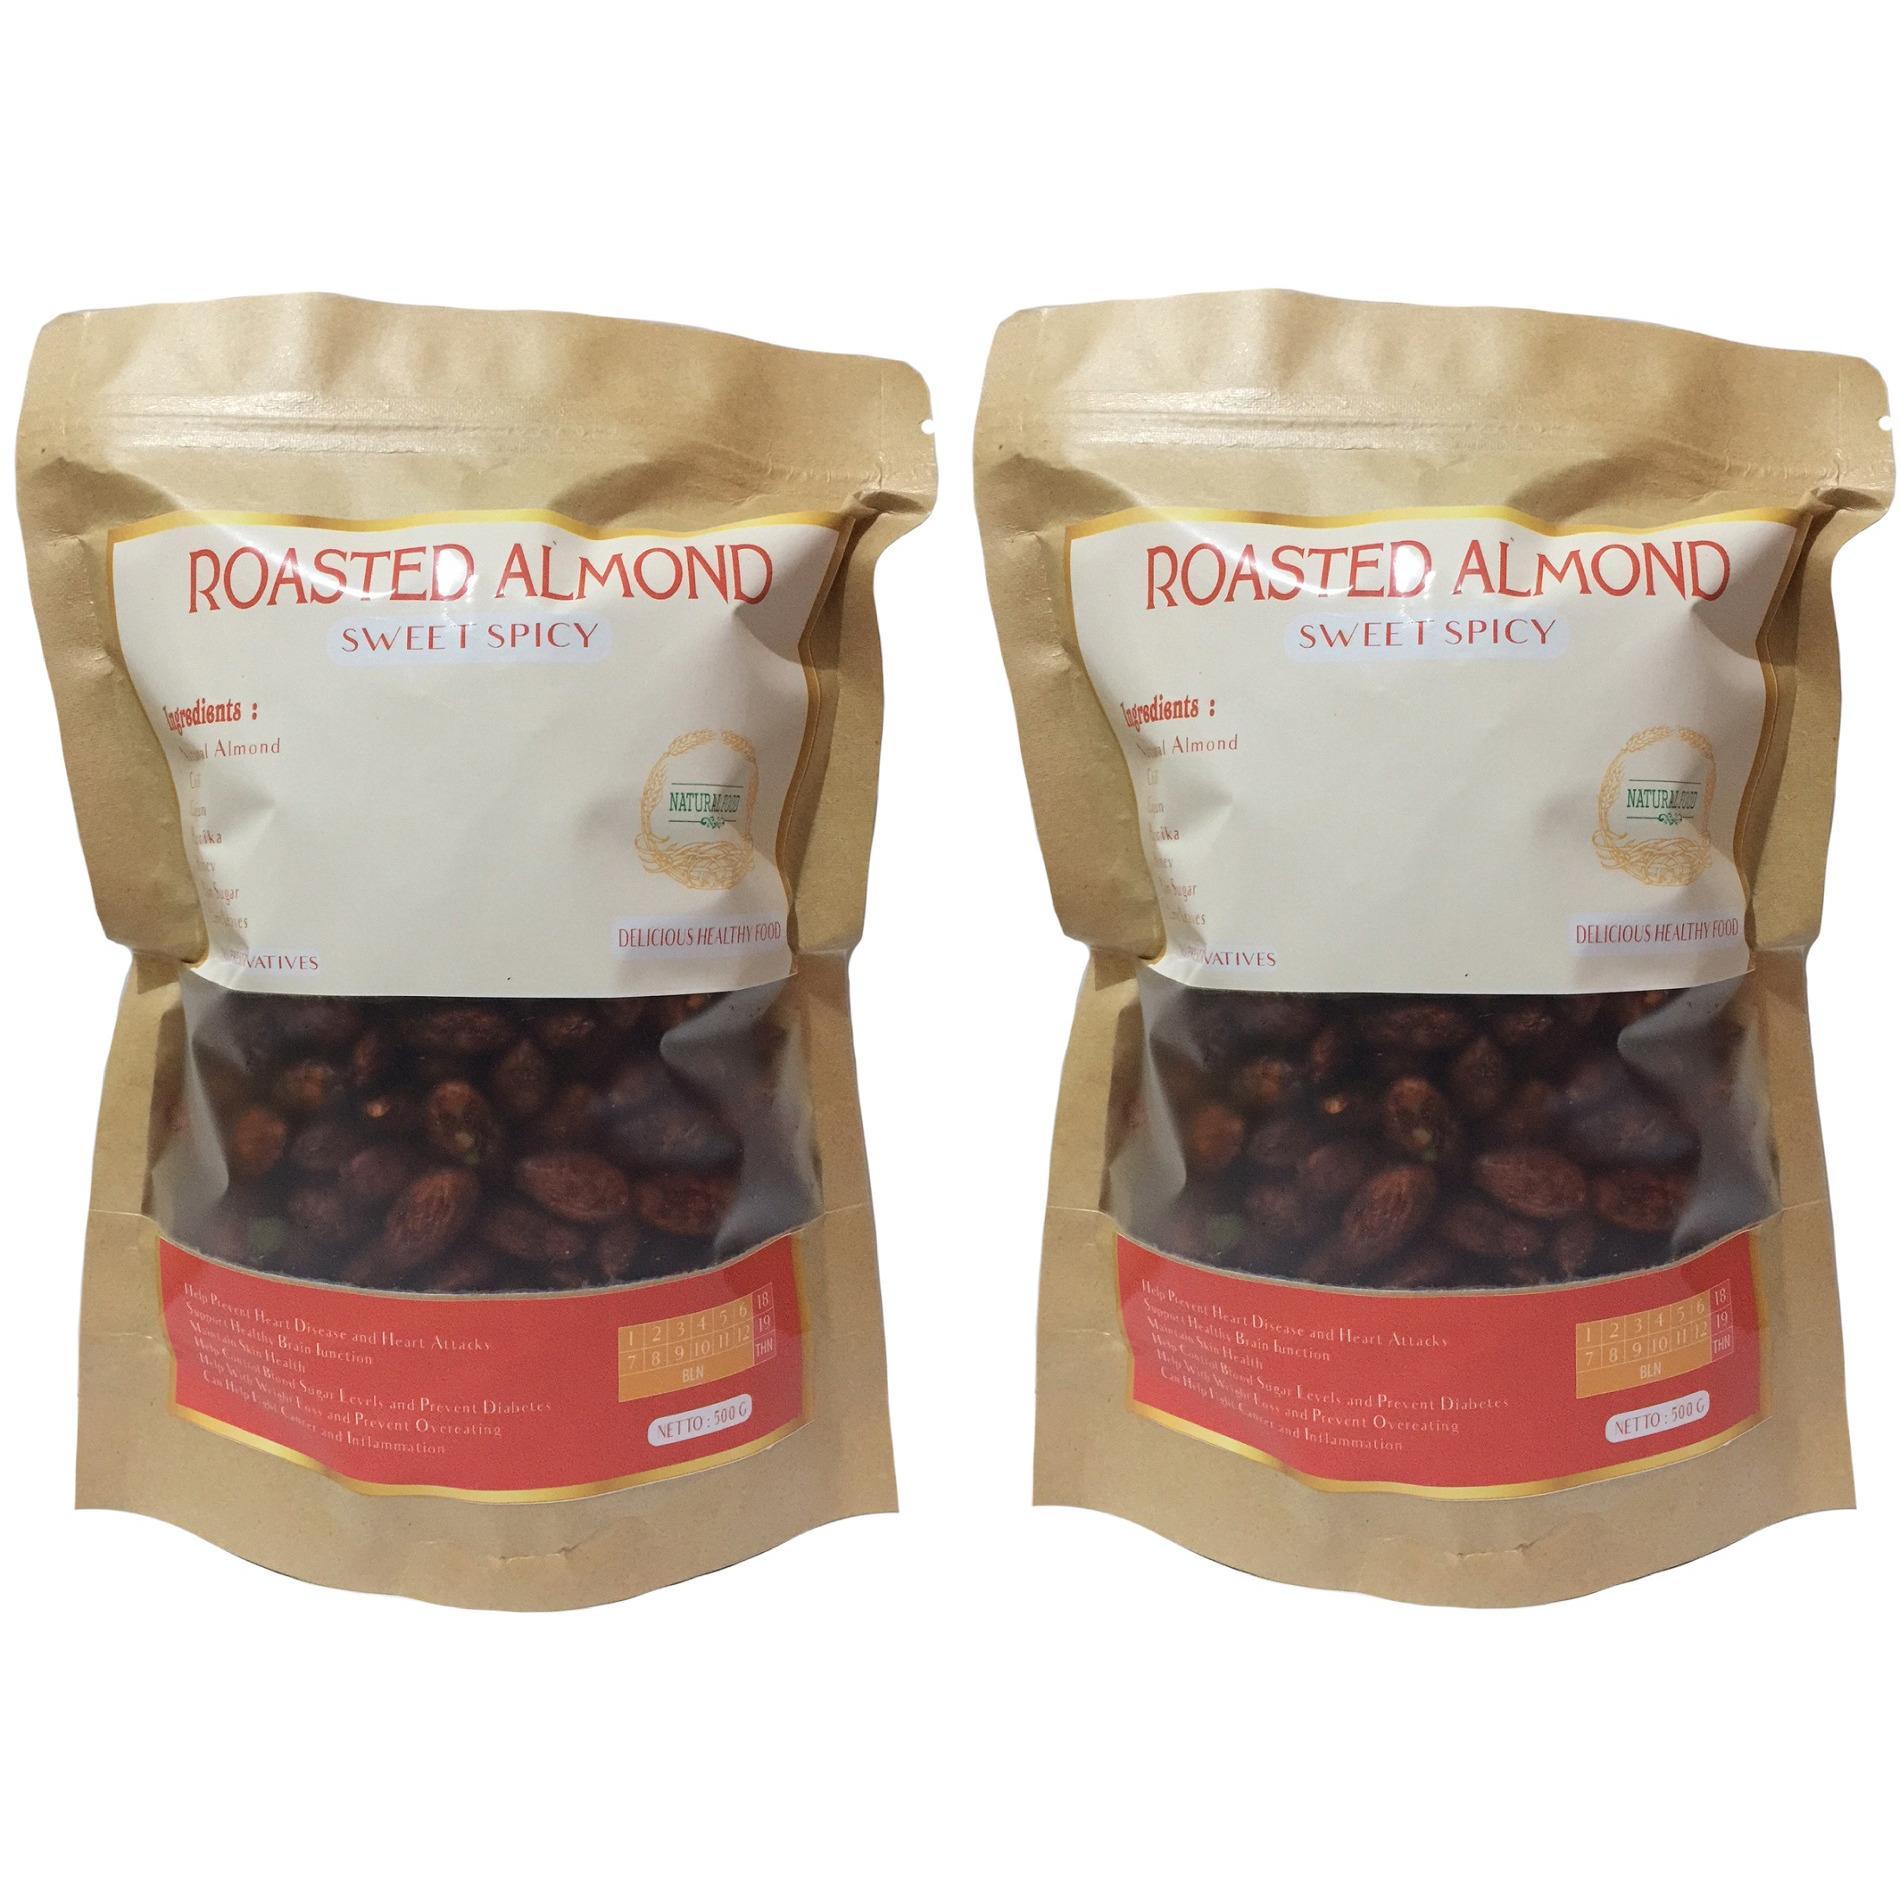 Beli Kacang Bumbu Pedas Store Marwanto606 Moring Cimol Kering Original Ampamp Almond Panggang Manis Daun Jeruk 1 Kg